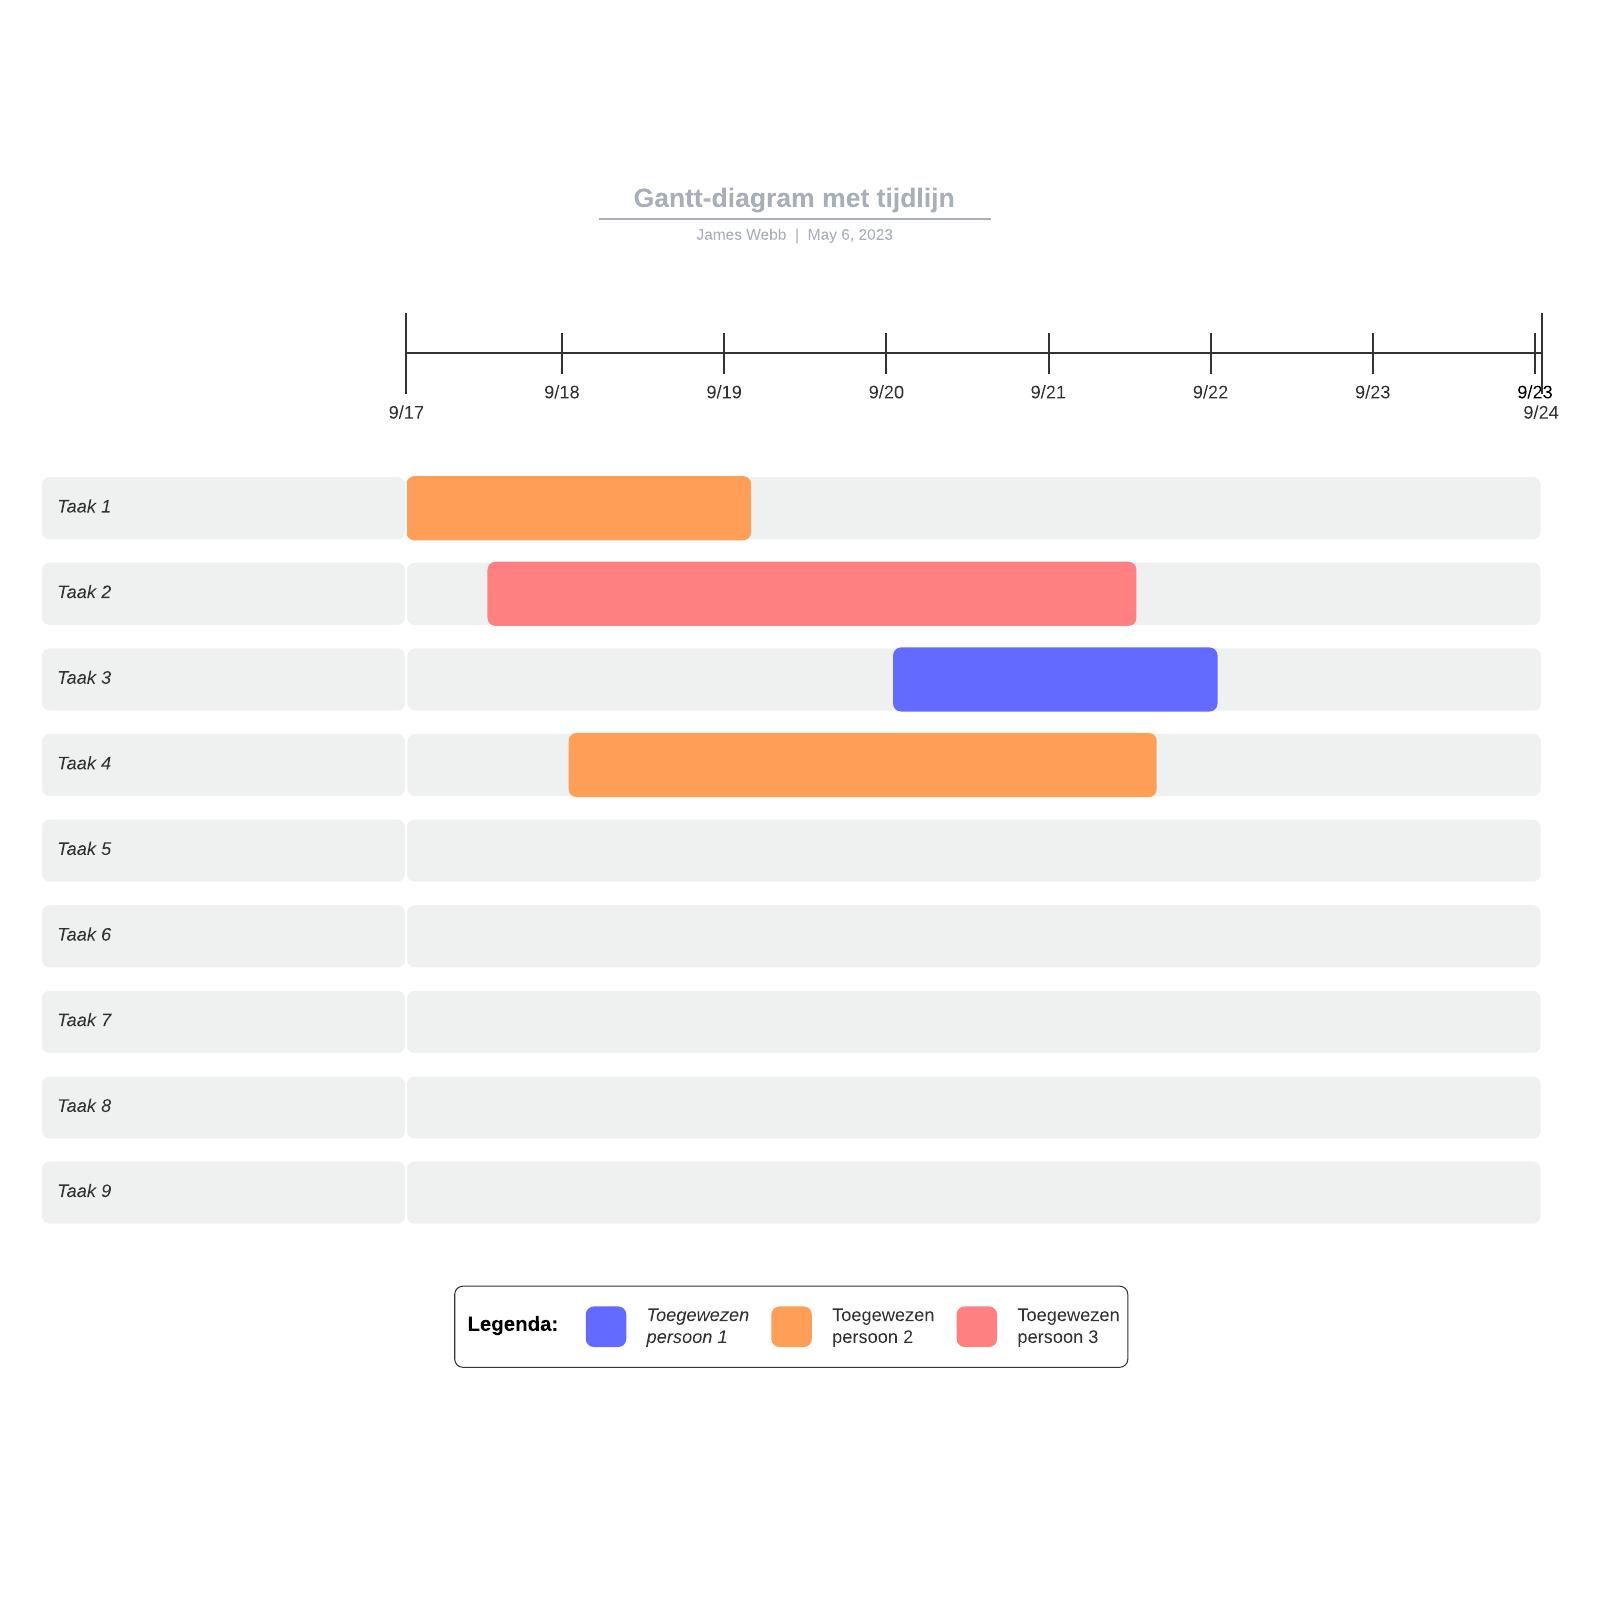 Gantt-diagram met tijdlijn